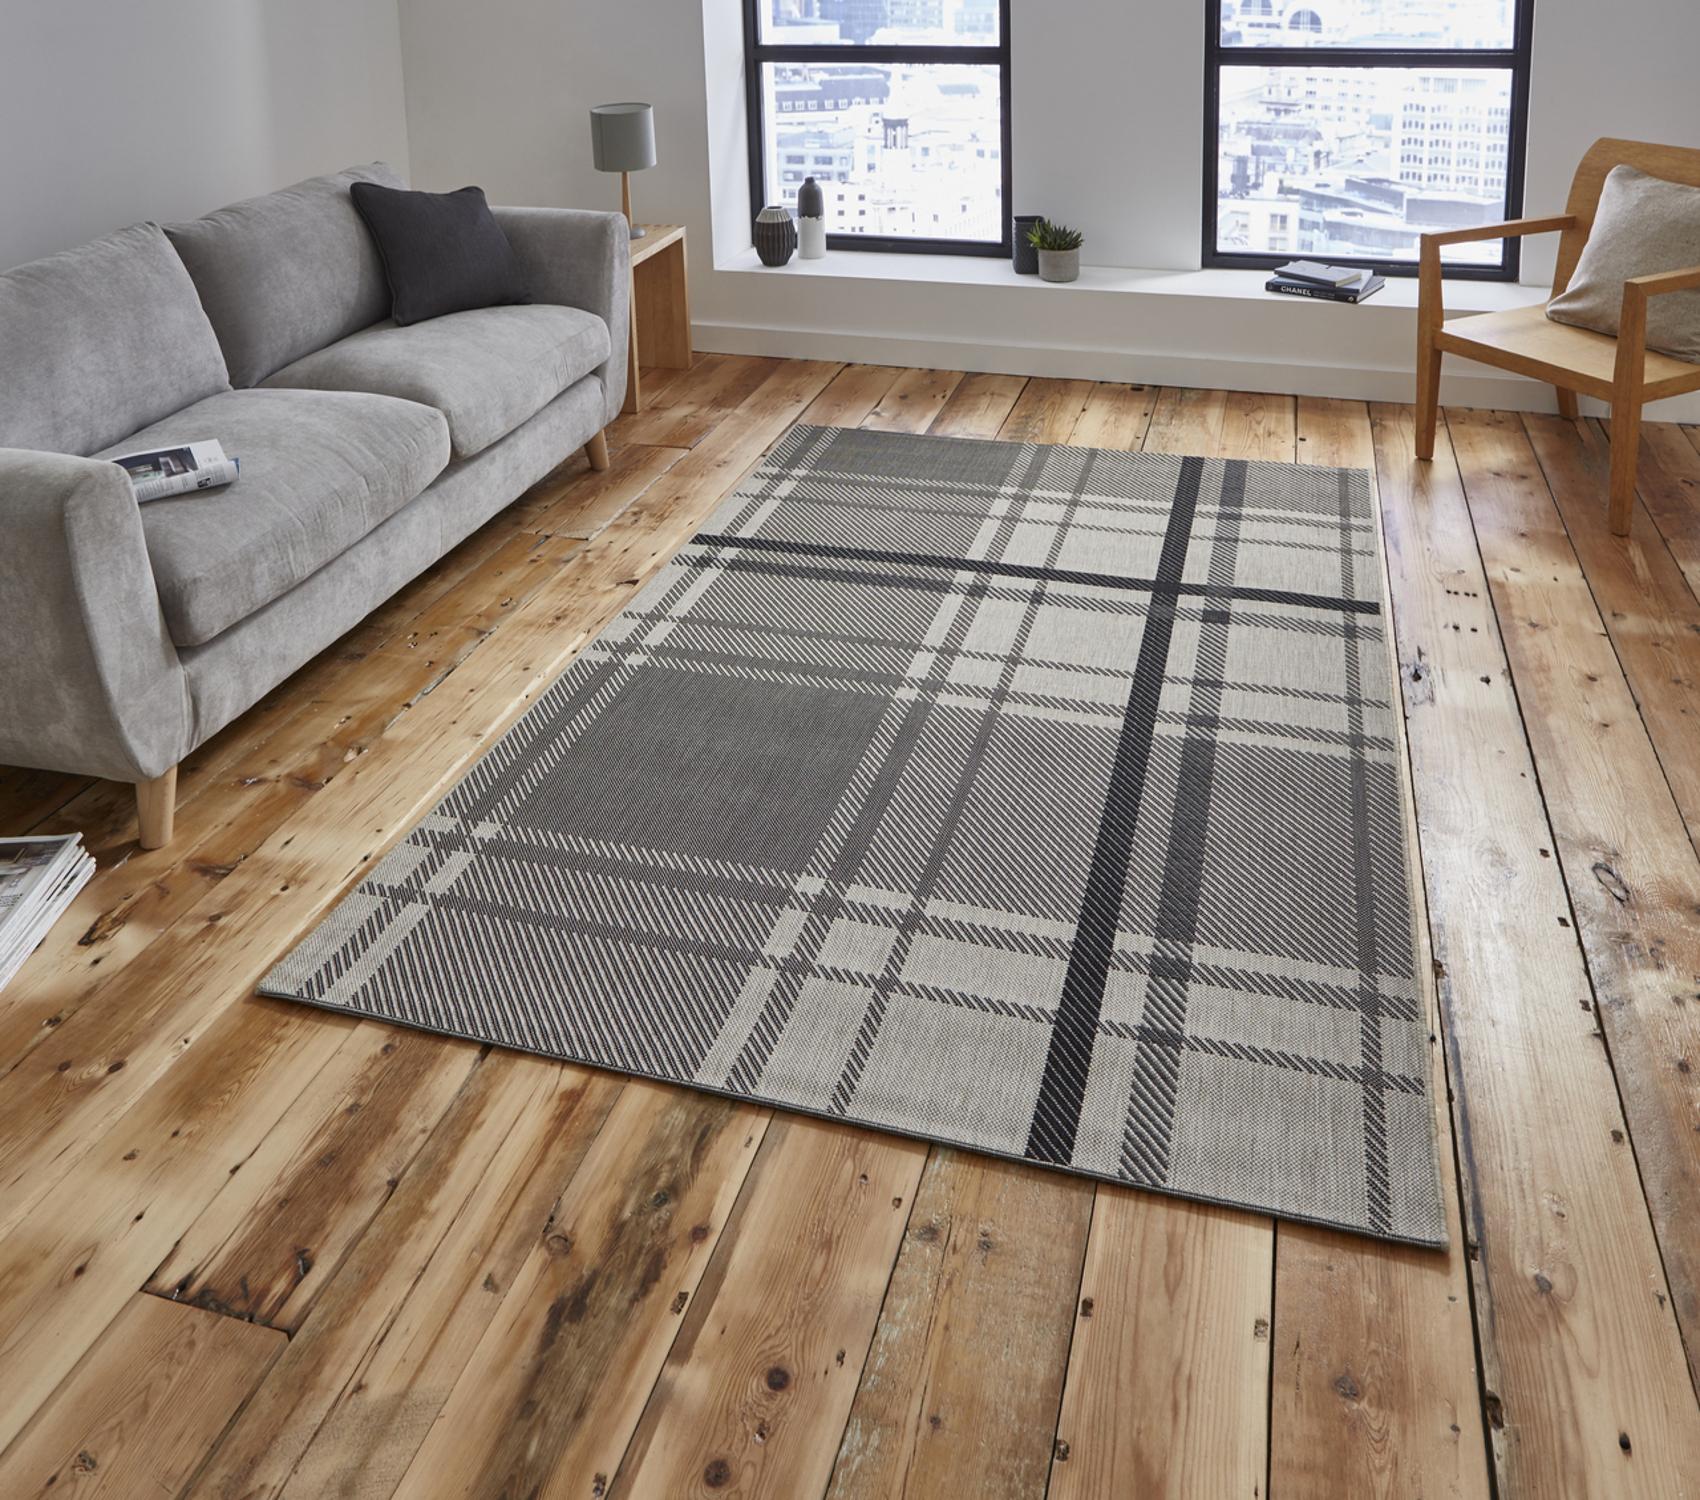 Breeze tartan check rug flat weave polypropylene durable for Indoor outdoor rugs uk